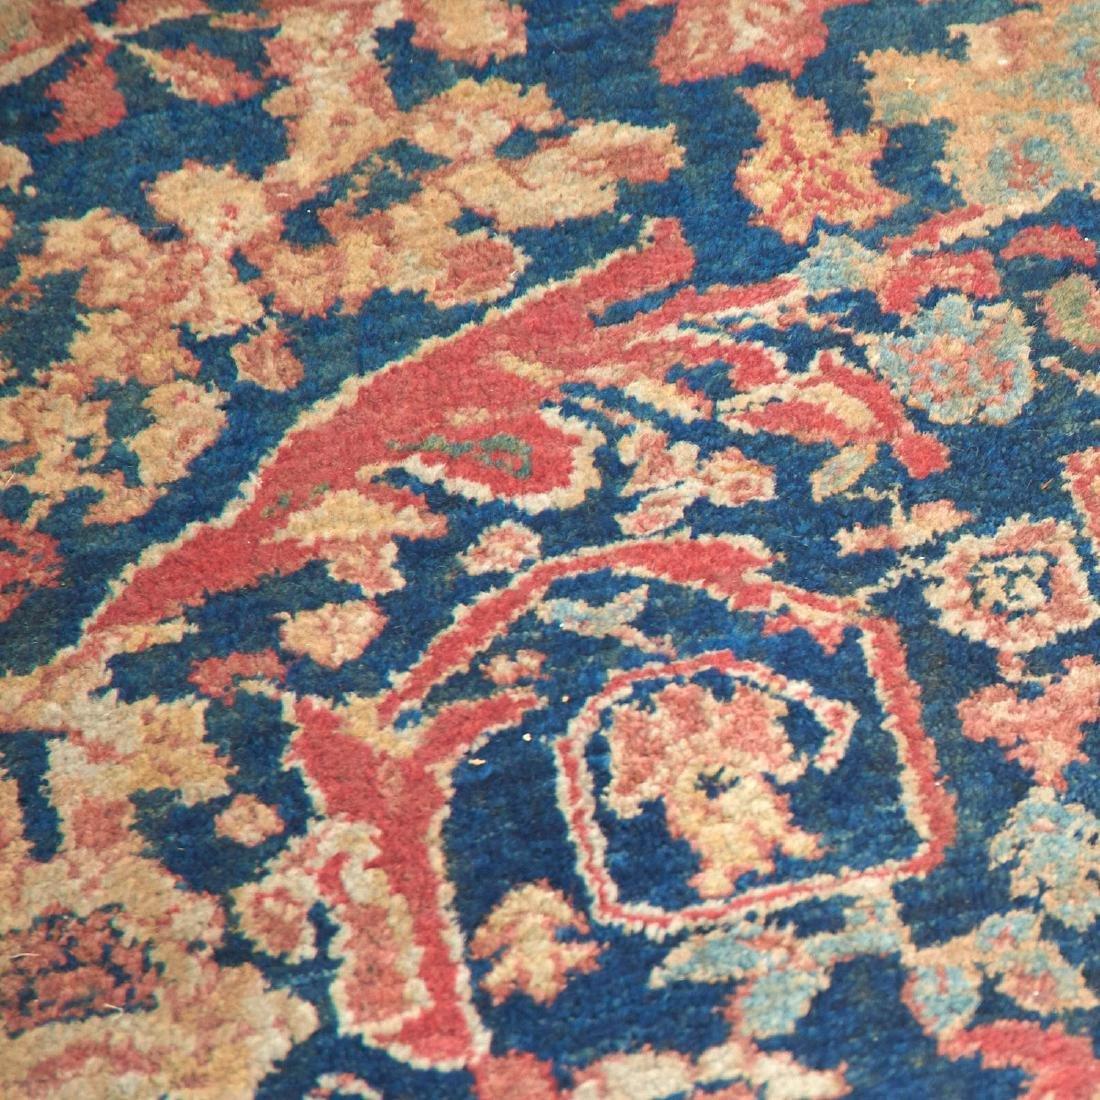 Persian garden rug, ex museum - 7